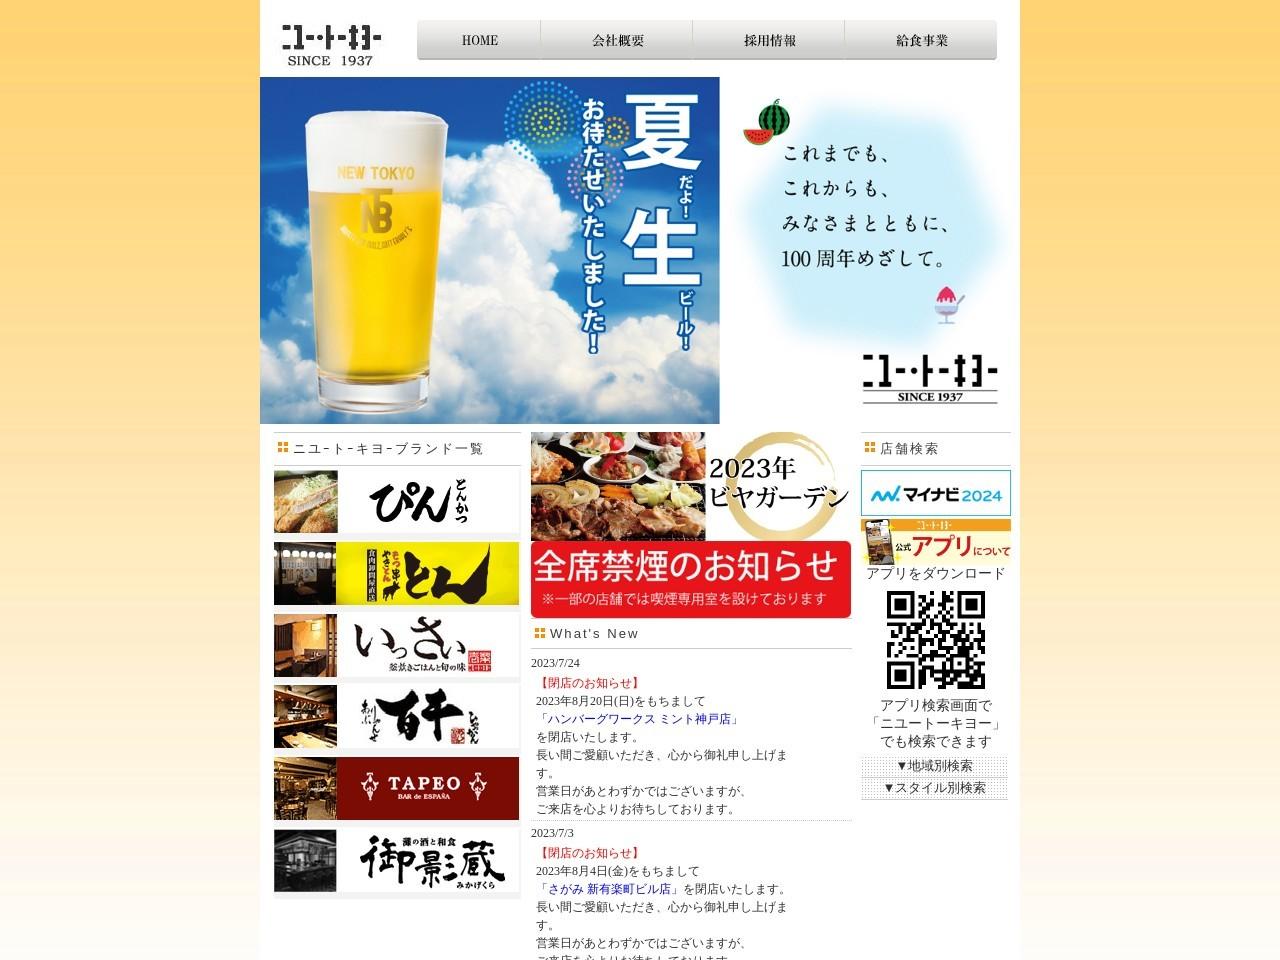 ニユー・トーキヨービヤレストラン/パレスサイドビル店